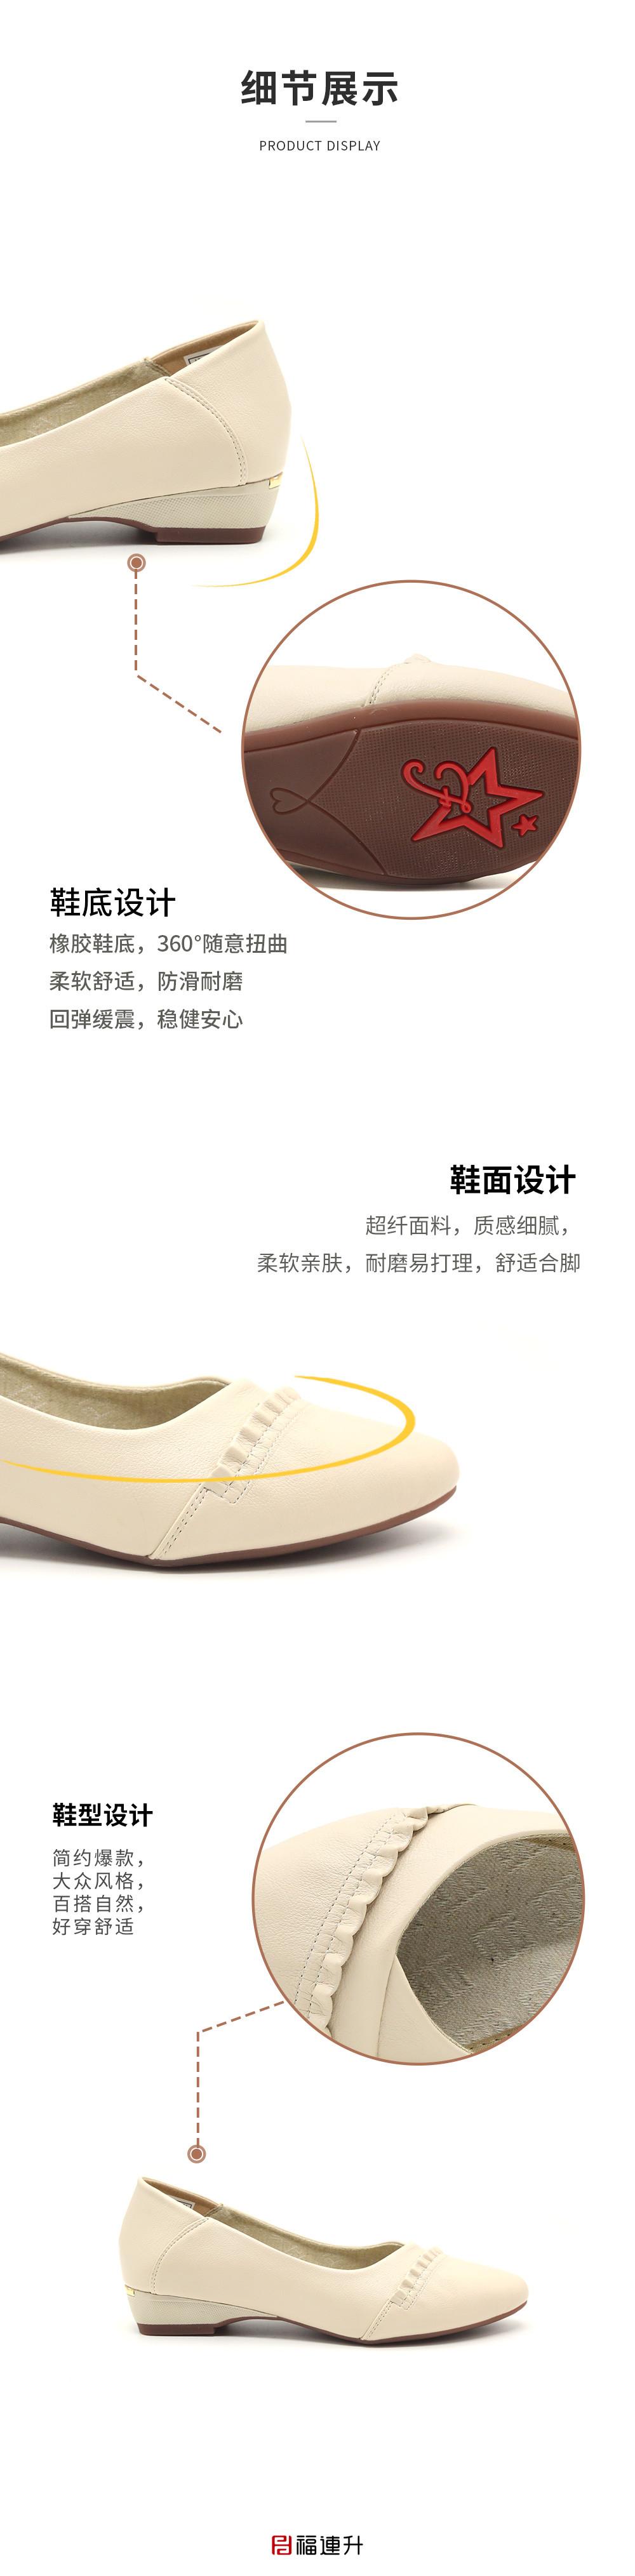 福连升休闲女鞋低跟浅口单鞋妈妈舒适百搭棉麻内里图片